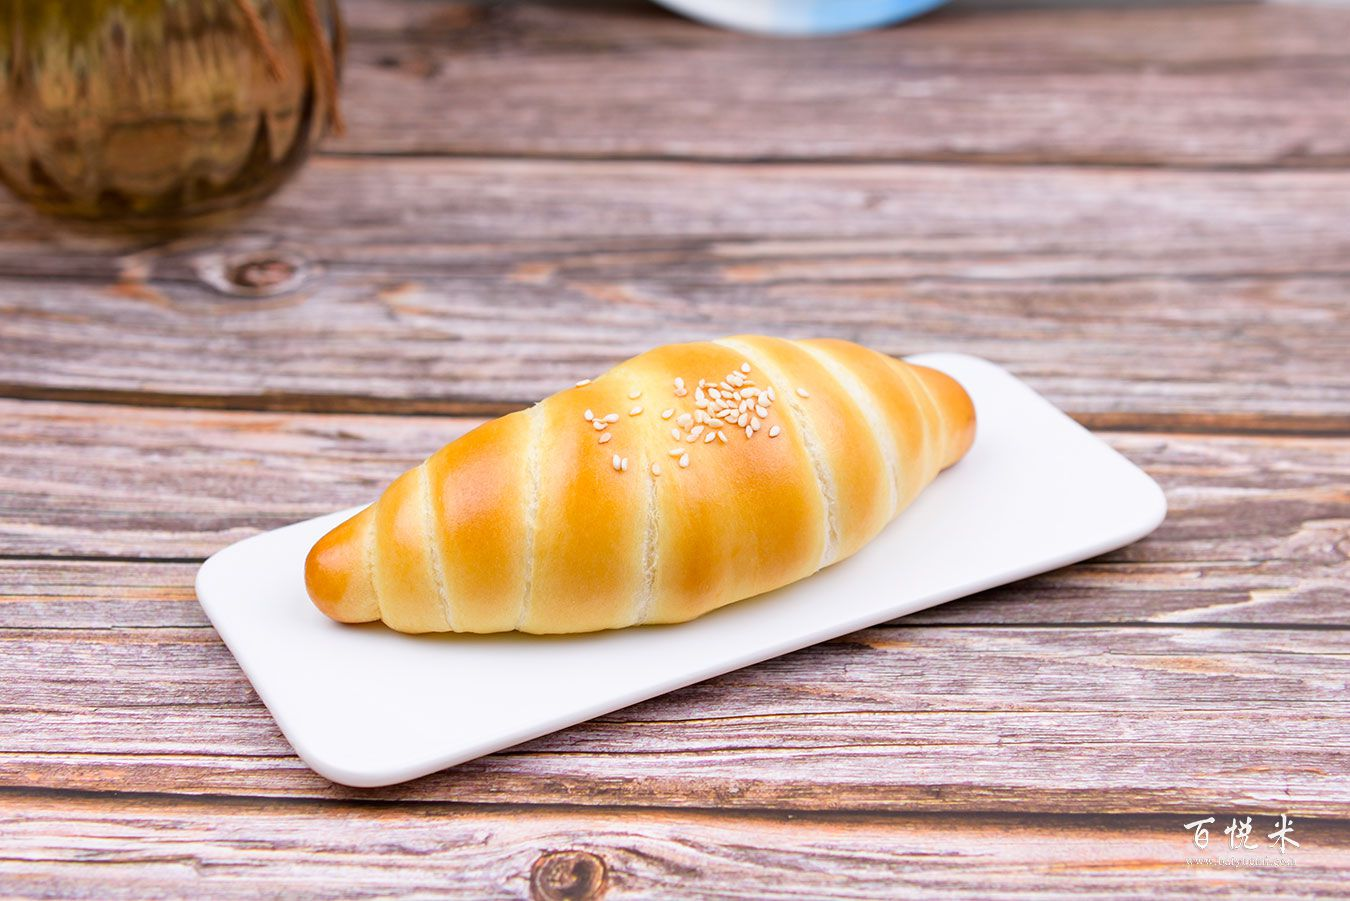 海螺面包高清图片大全【蛋糕图片】_436